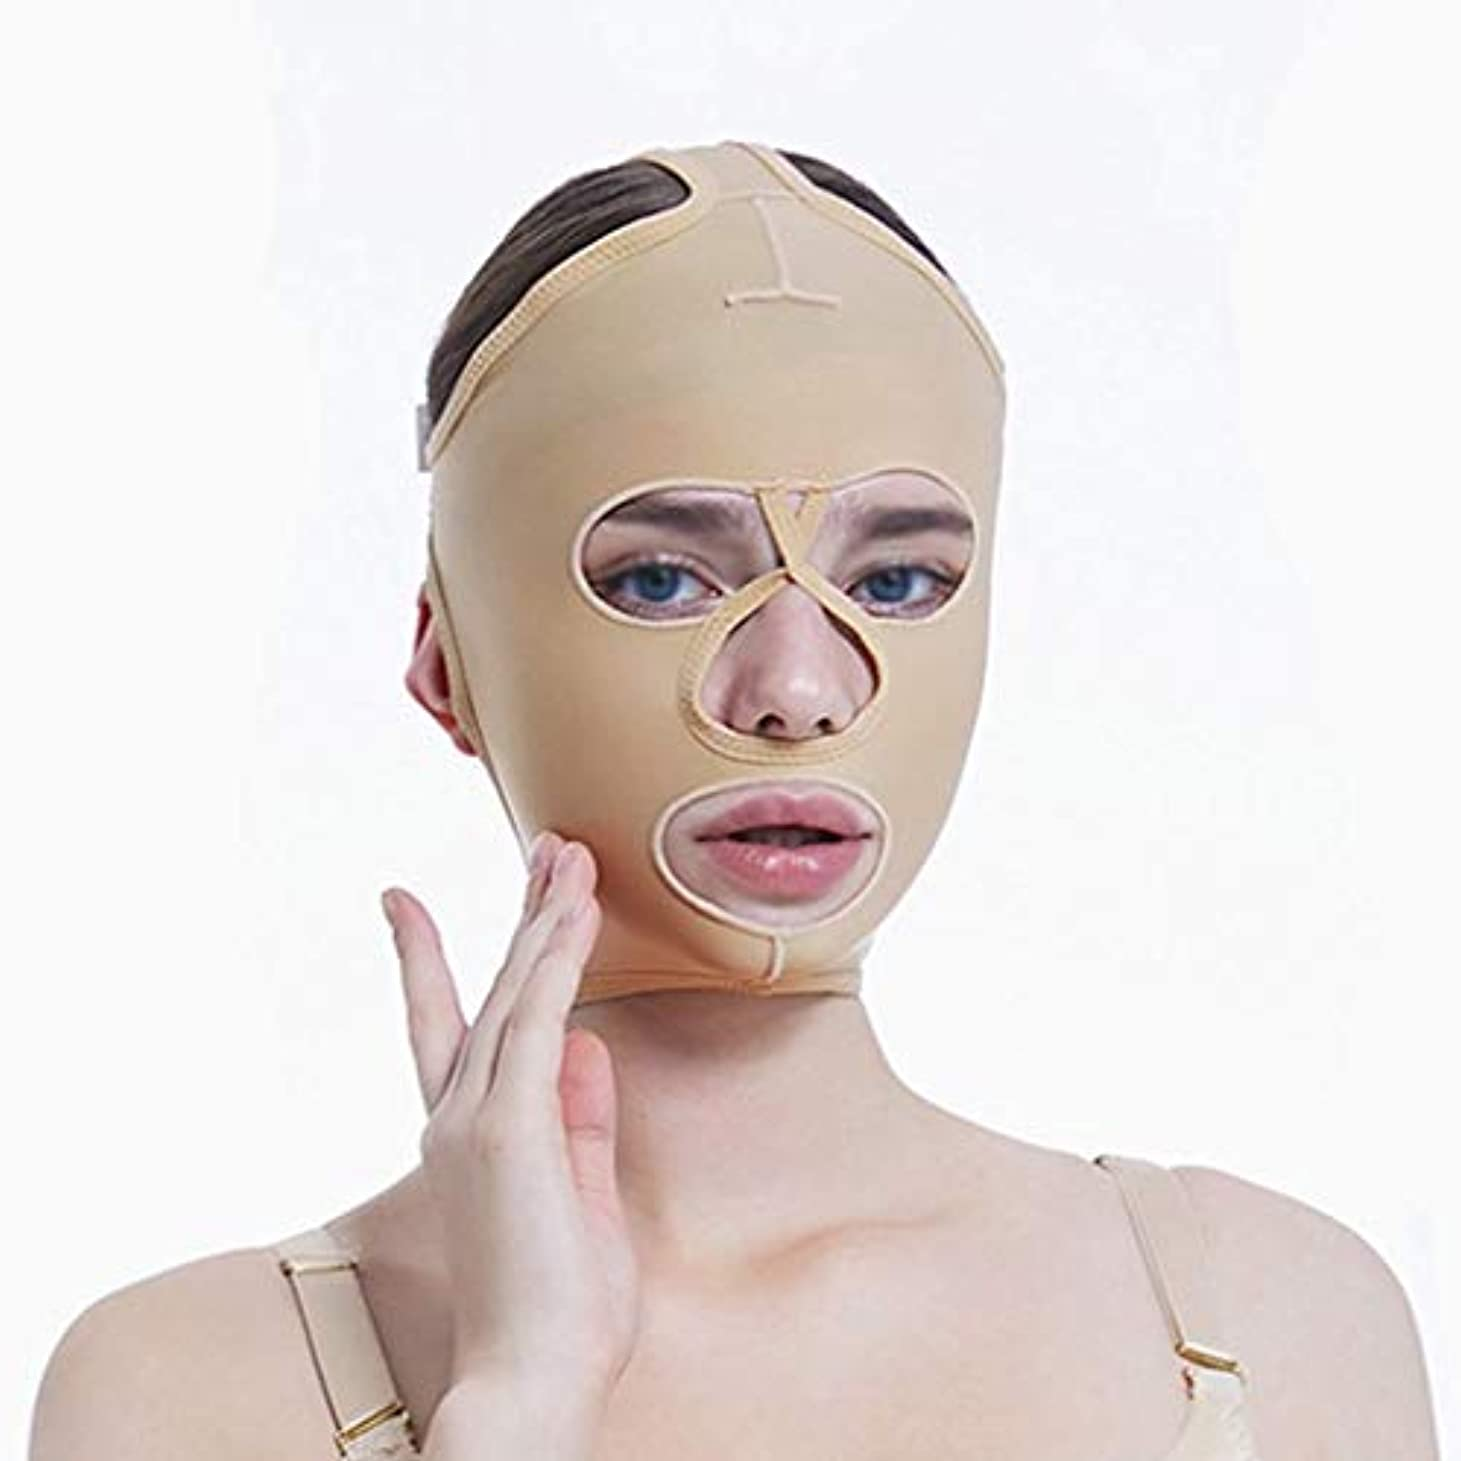 暖かく残高非武装化チンリフティングベルト、超薄型ベルト、引き締めマスク、包帯吊り、フェイスリフティングマスク、超薄型ベルト、通気性(サイズ:L),ザ?